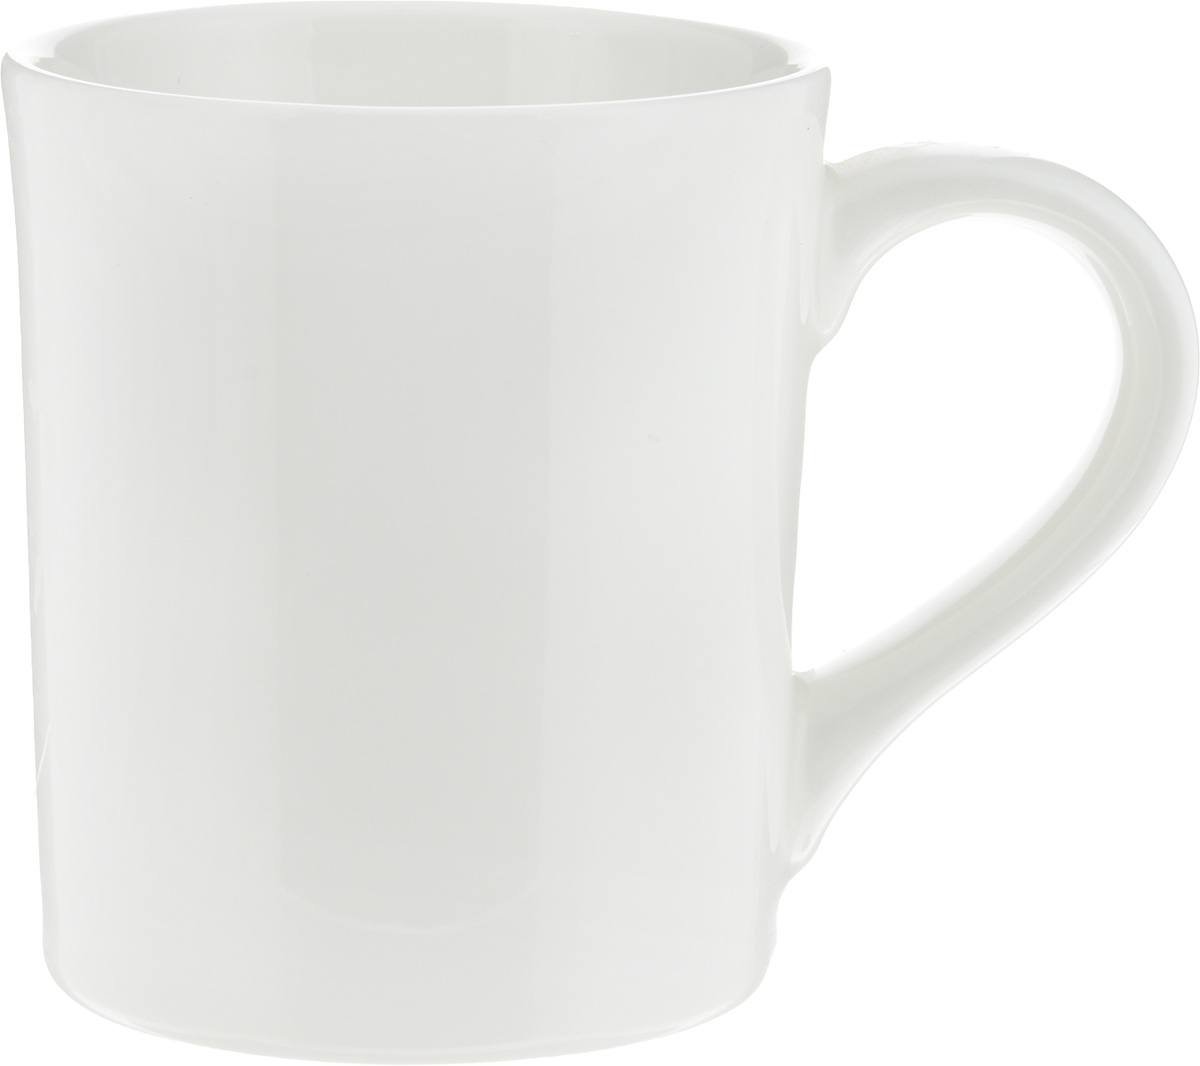 """Кружка Ariane """"Прайм"""" изготовлена из высококачественного фарфора с глазурованным покрытием. Такая кружка оригинально украсит стол, а пить чай или кофе станет еще приятнее.Можно мыть в посудомоечной машине и использовать в микроволновой печи.Диаметр кружки (по верхнему краю): 9 см. Высота салатника: 10,5 см."""